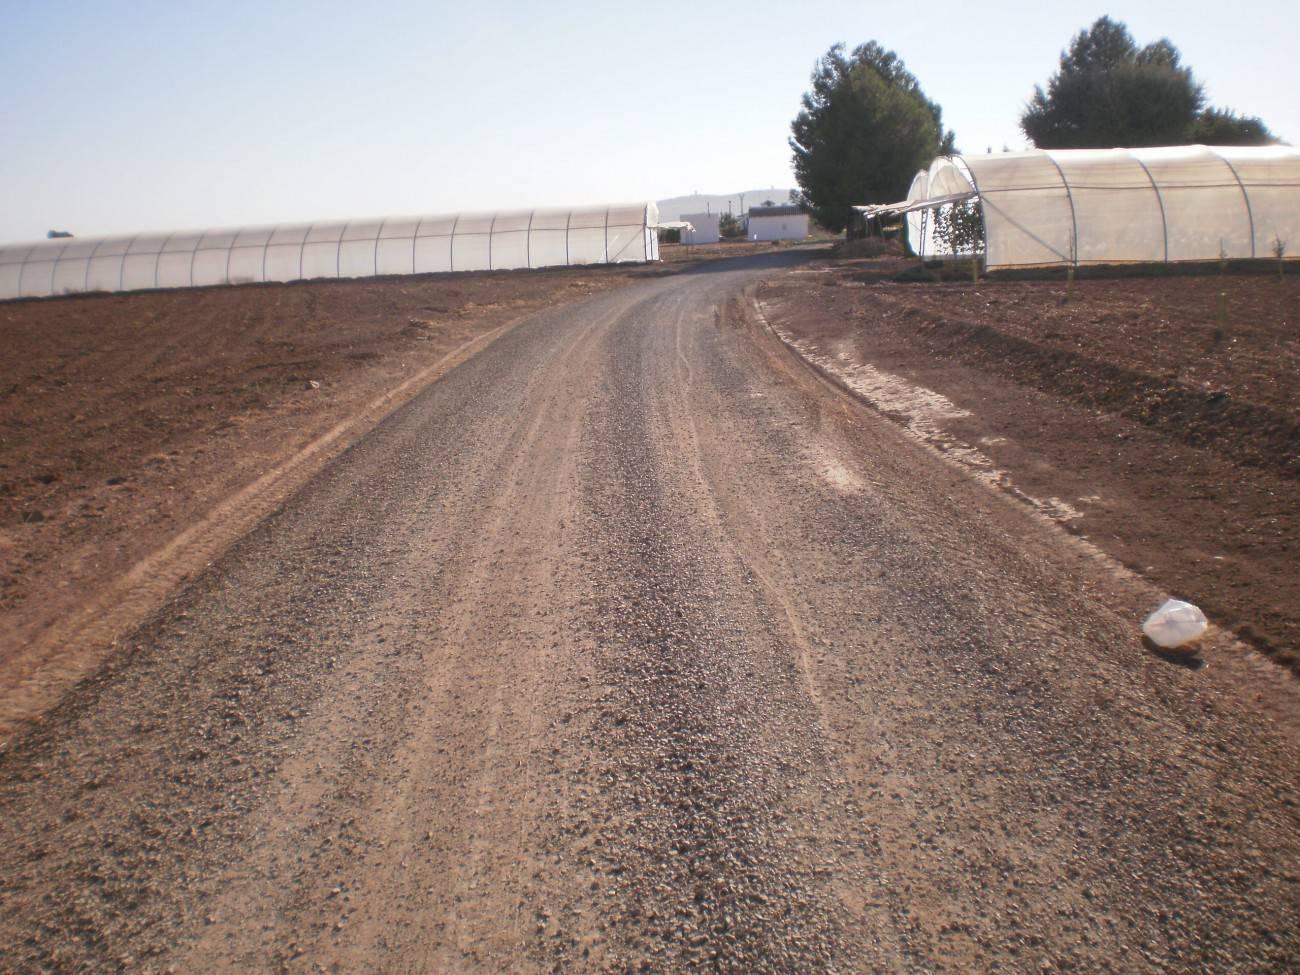 arreglo de caminios en herencia ciudad real - Herencia realiza arreglos en varios caminos rurales del municipio